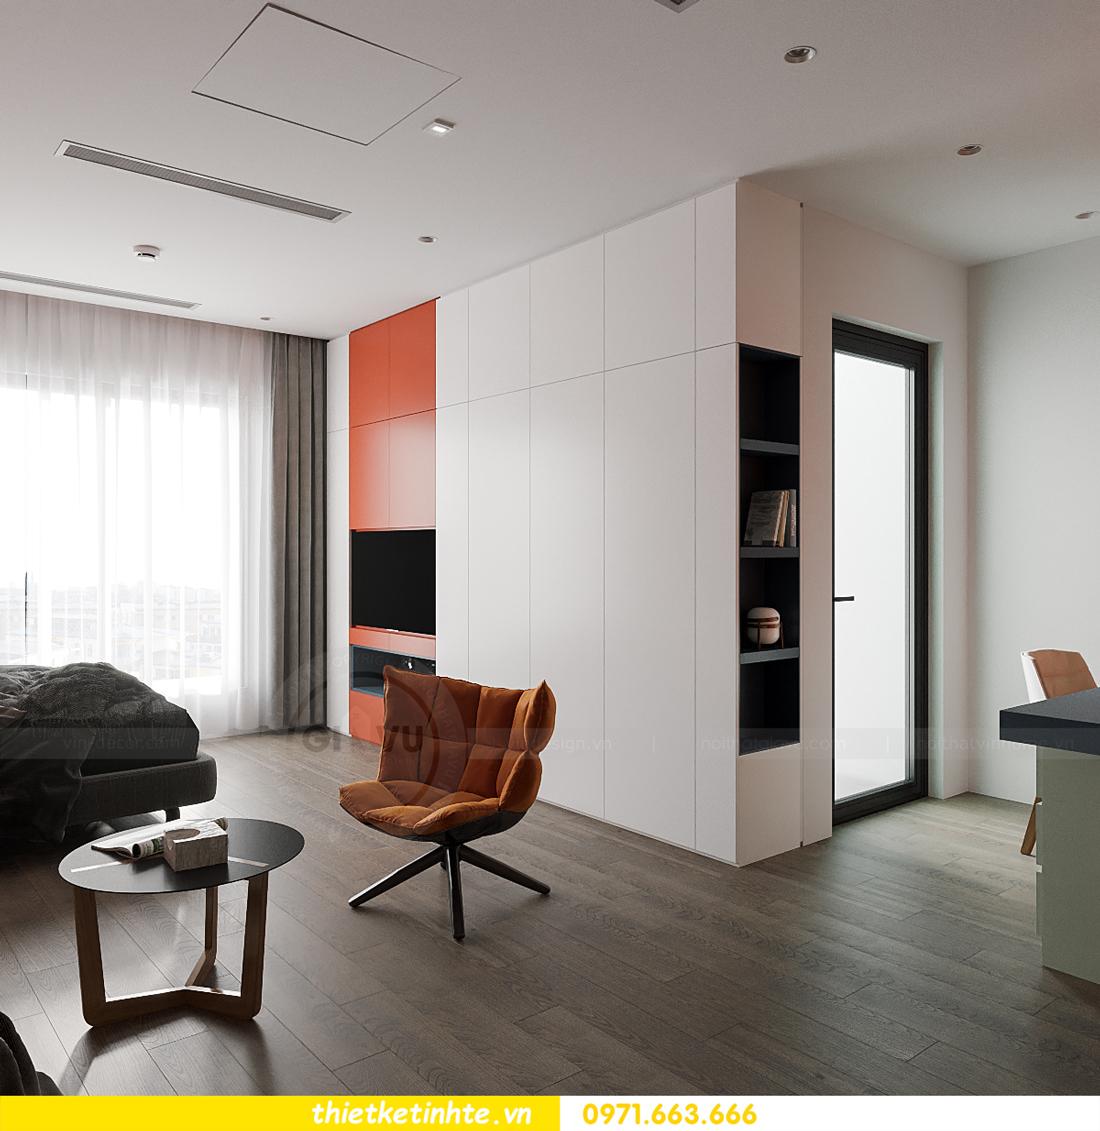 thiết kế nội thất căn hộ Studio tại Vinhomes Smart City 5